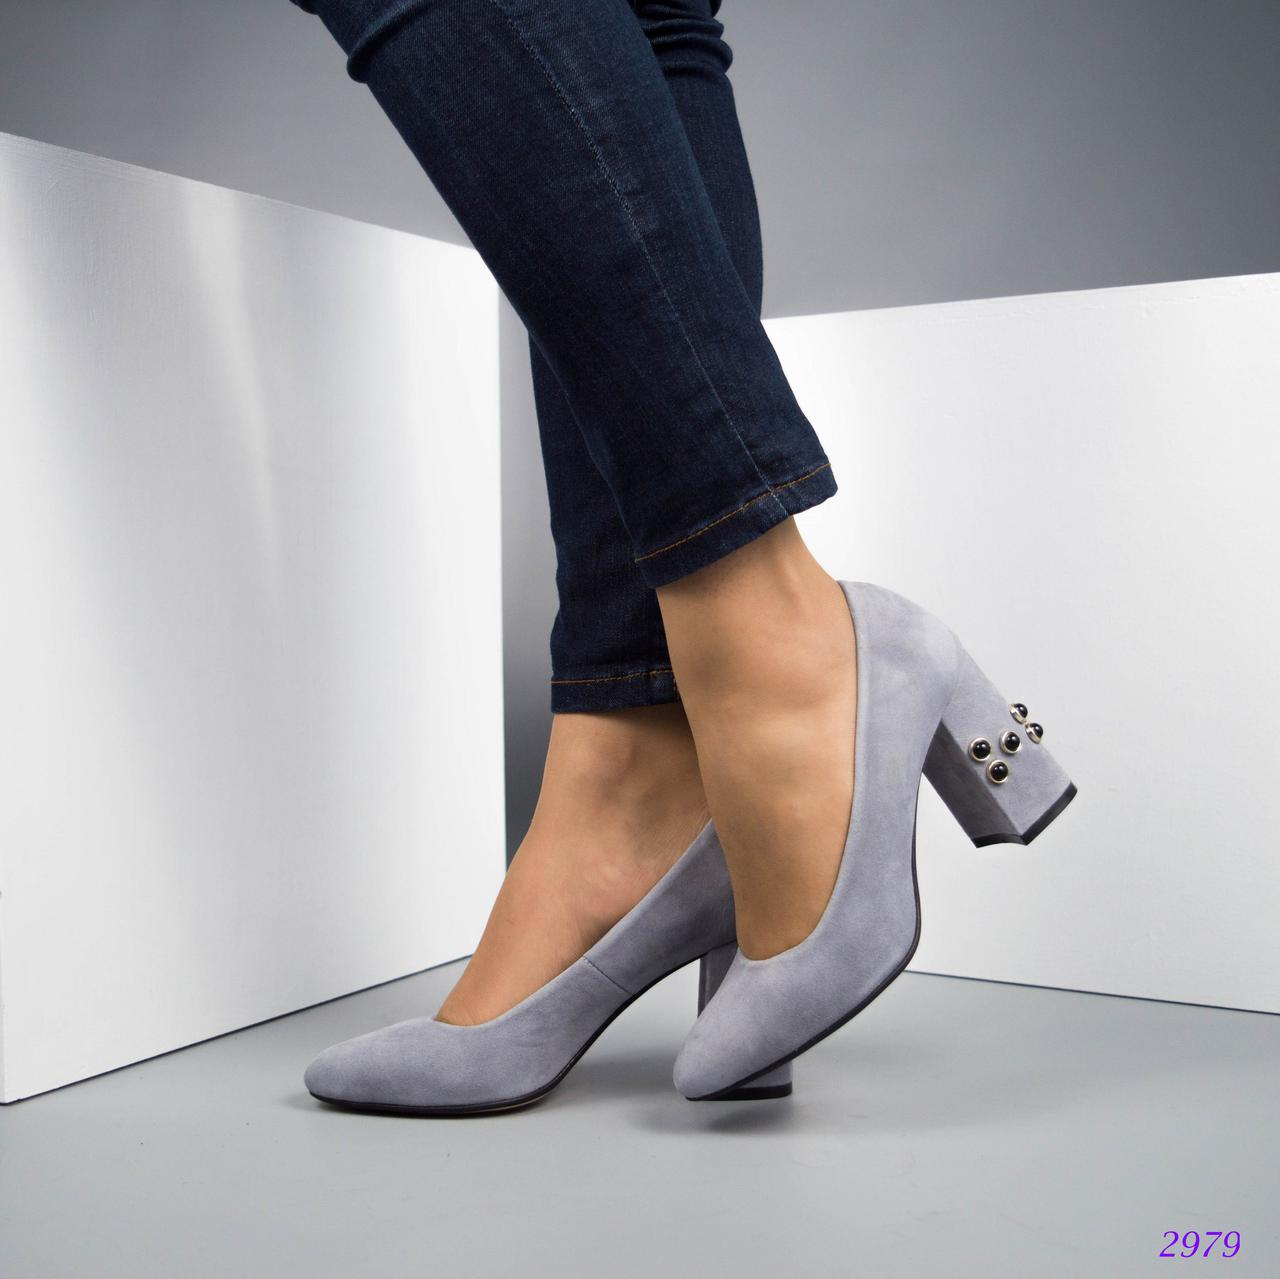 618fb846ac5 Женские туфли с жемчугом на удобном каблуке СЕРЫЕ натуральная замша Италия  - ГЛЯНЕЦ